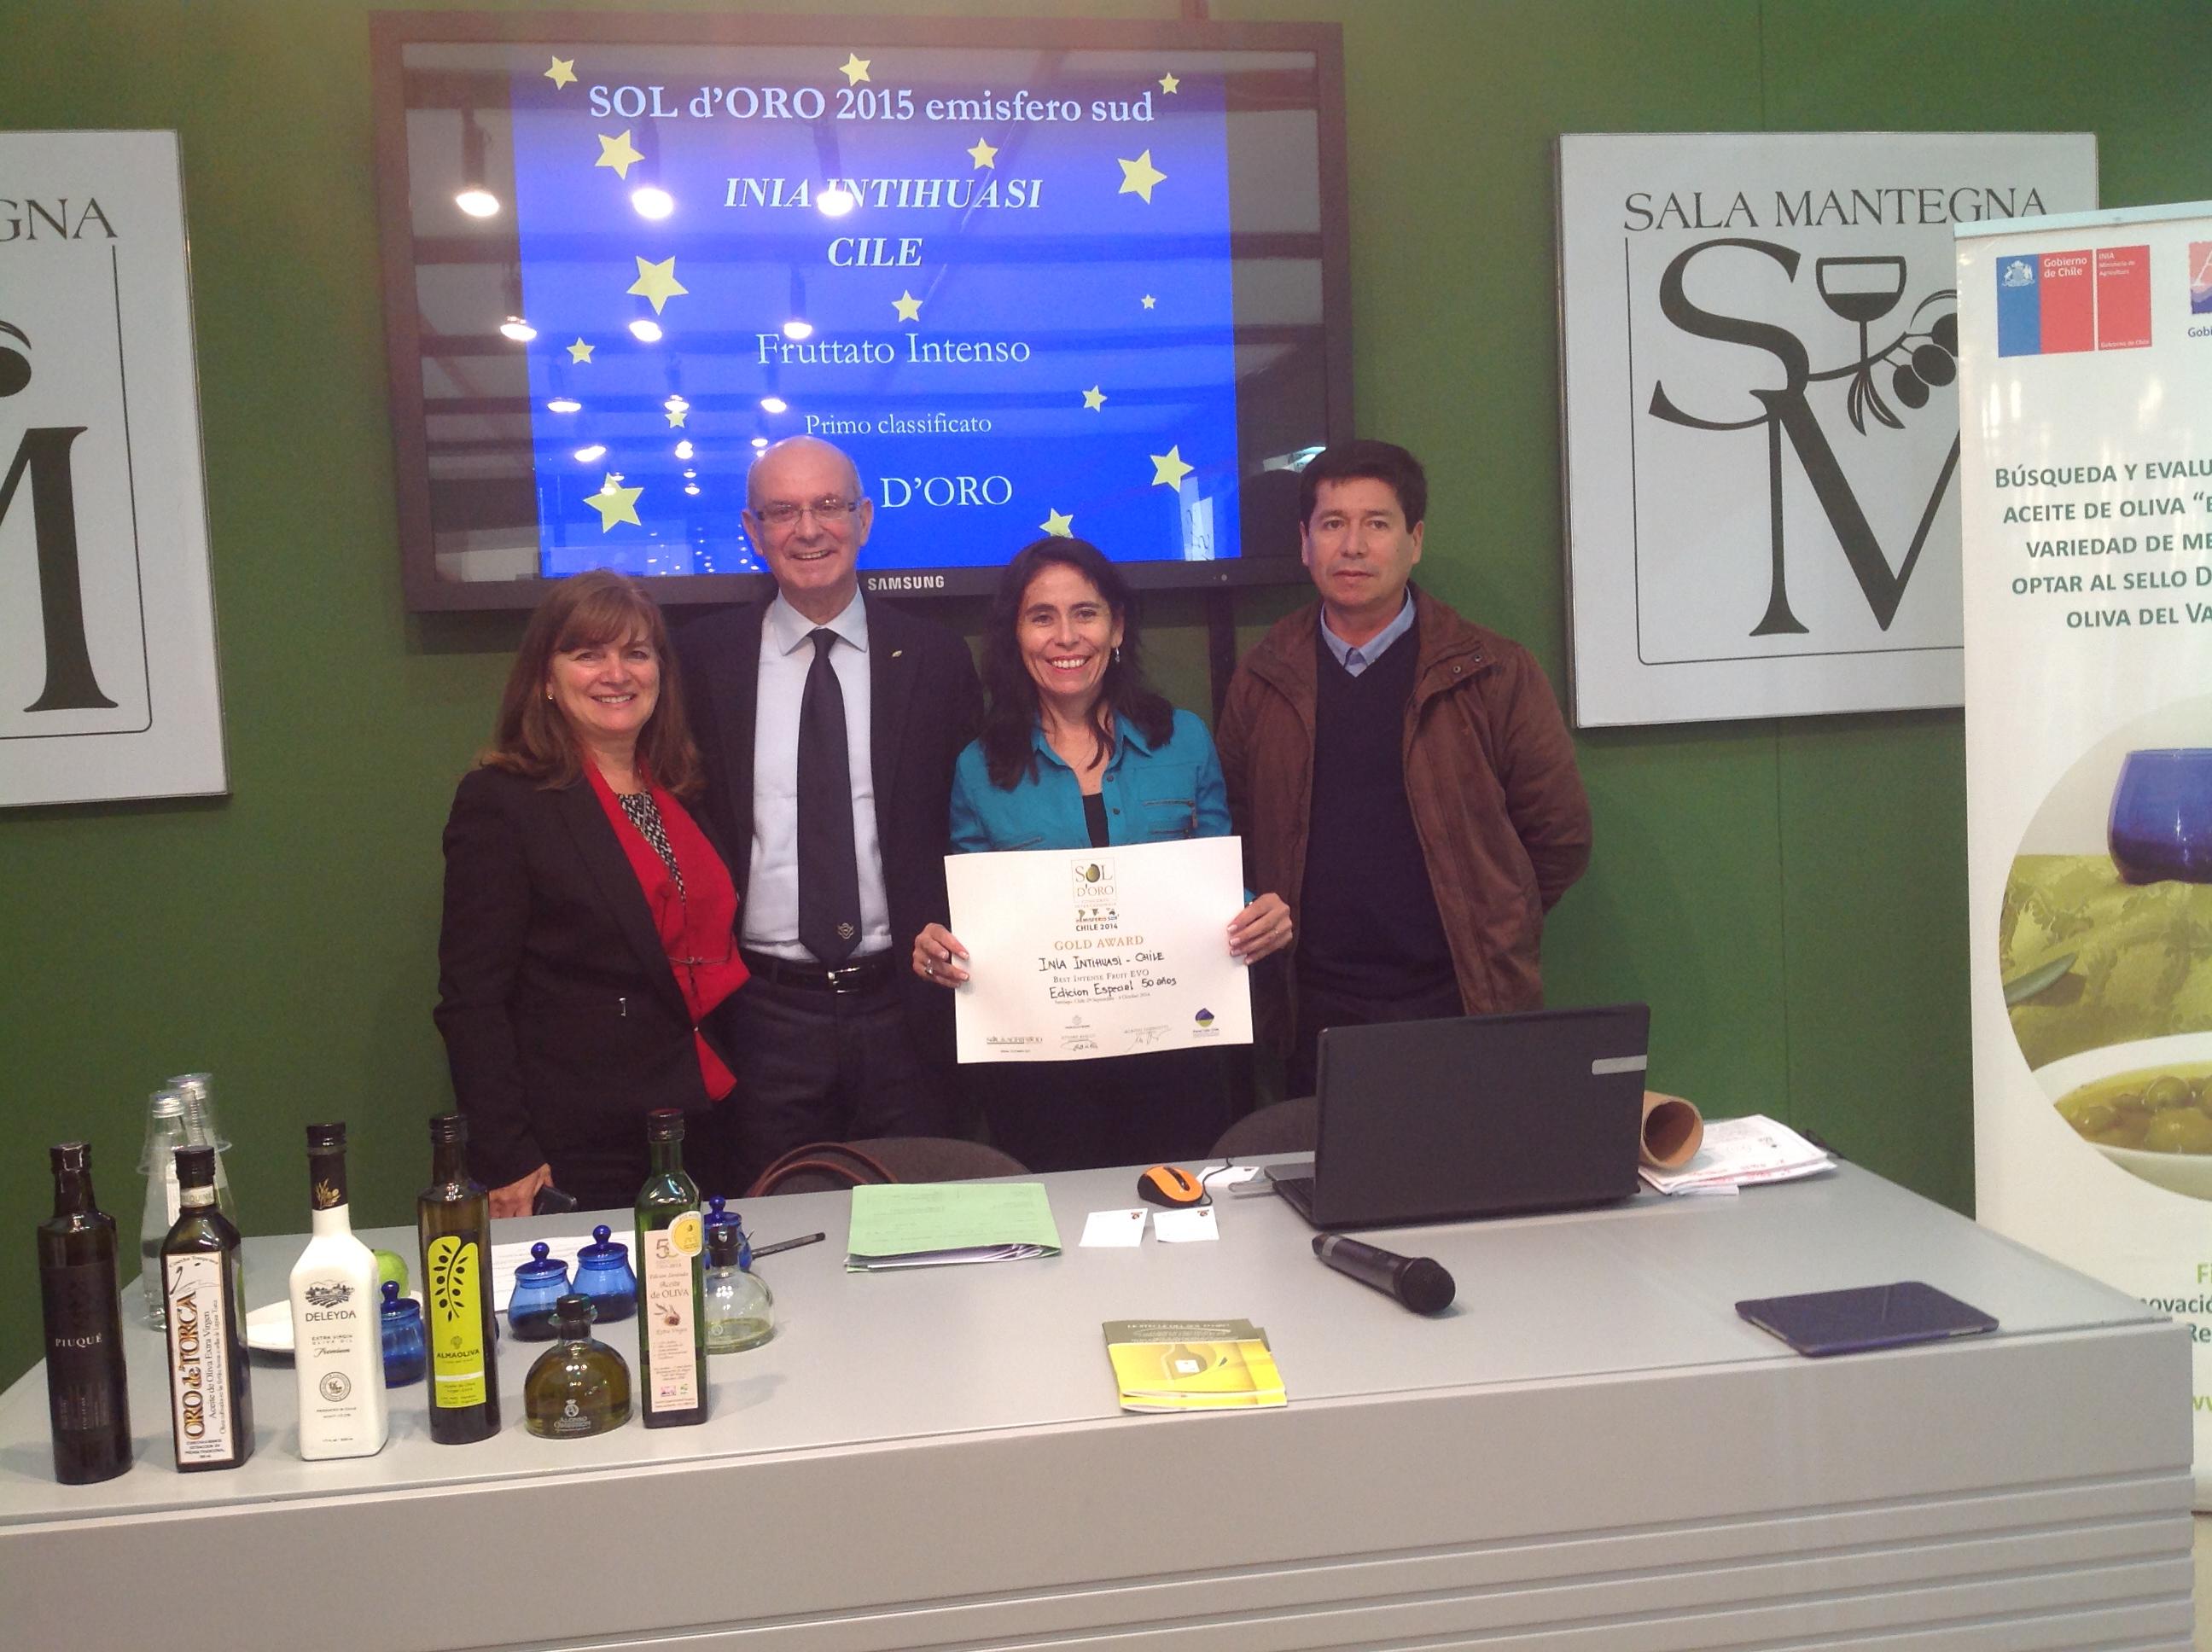 Destacan calidad de aceites de oliva elaborados por INIA en feria internacional